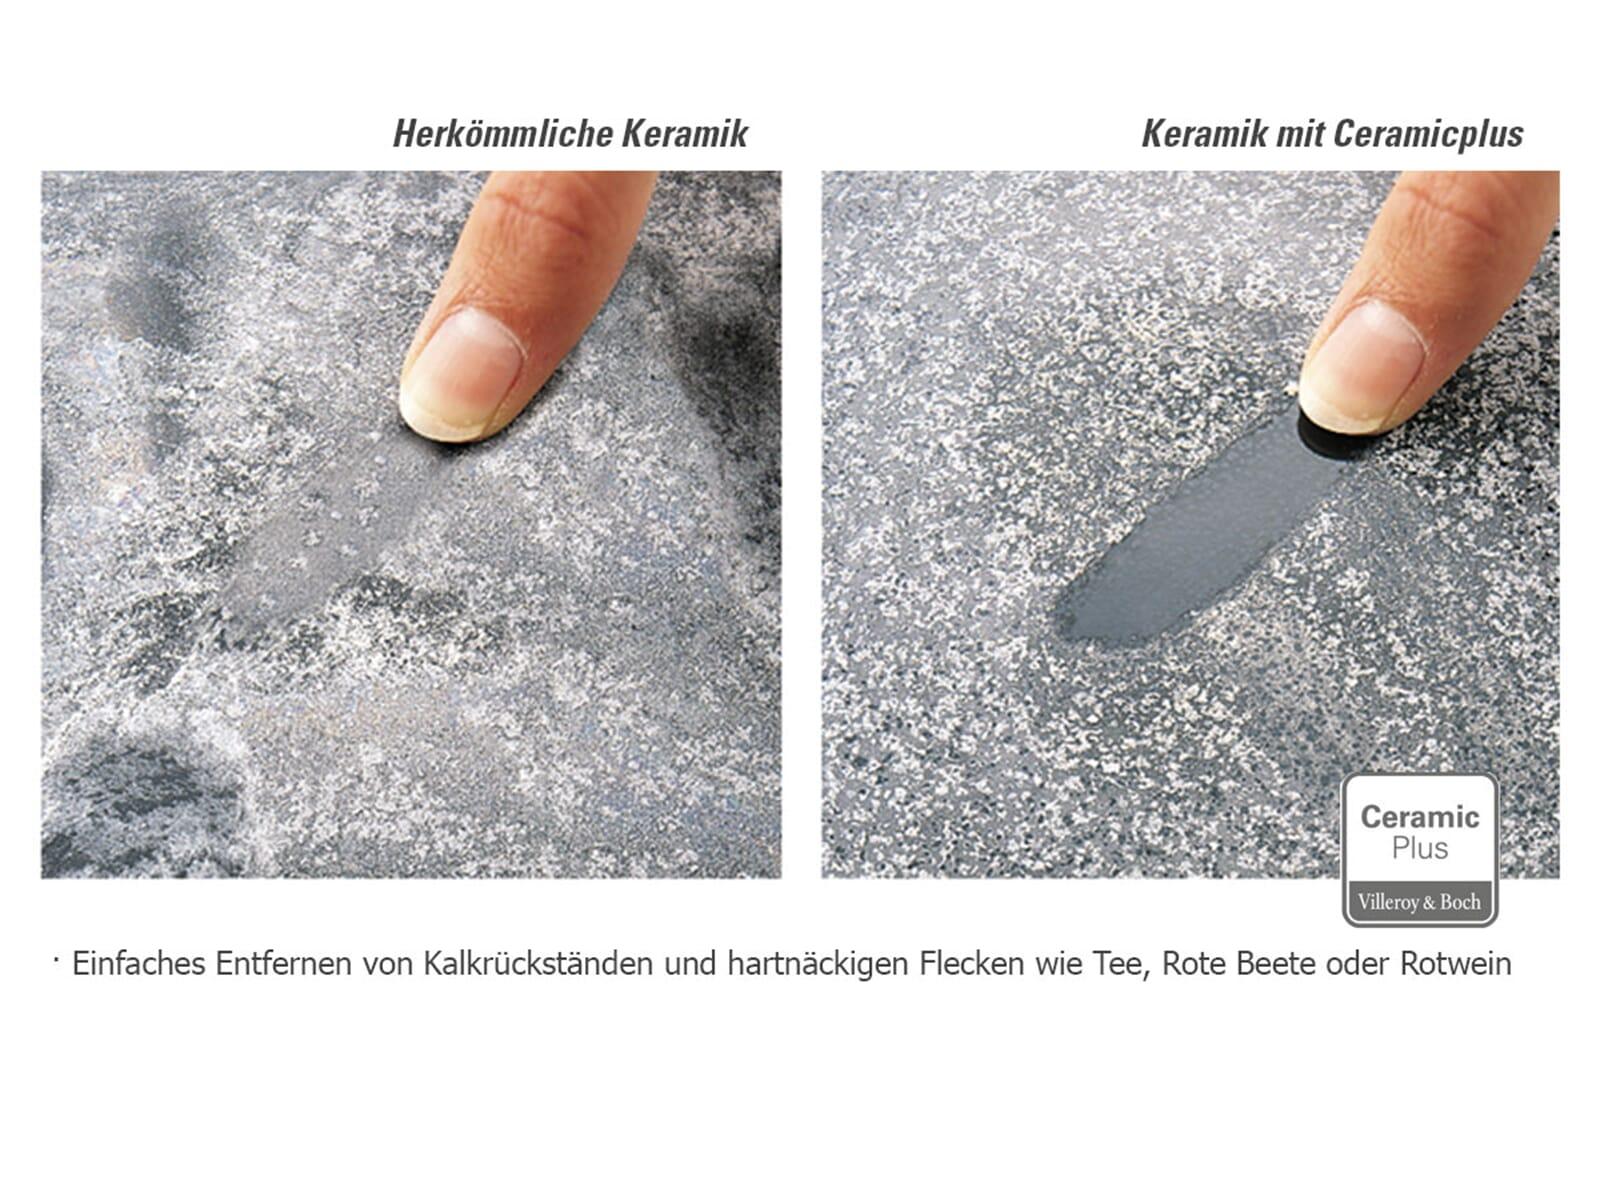 Villeroy & Boch Siluet 50 S Weiß (Alpin) – 3345 02 R1 Keramikspüle Exzenterbetätigung